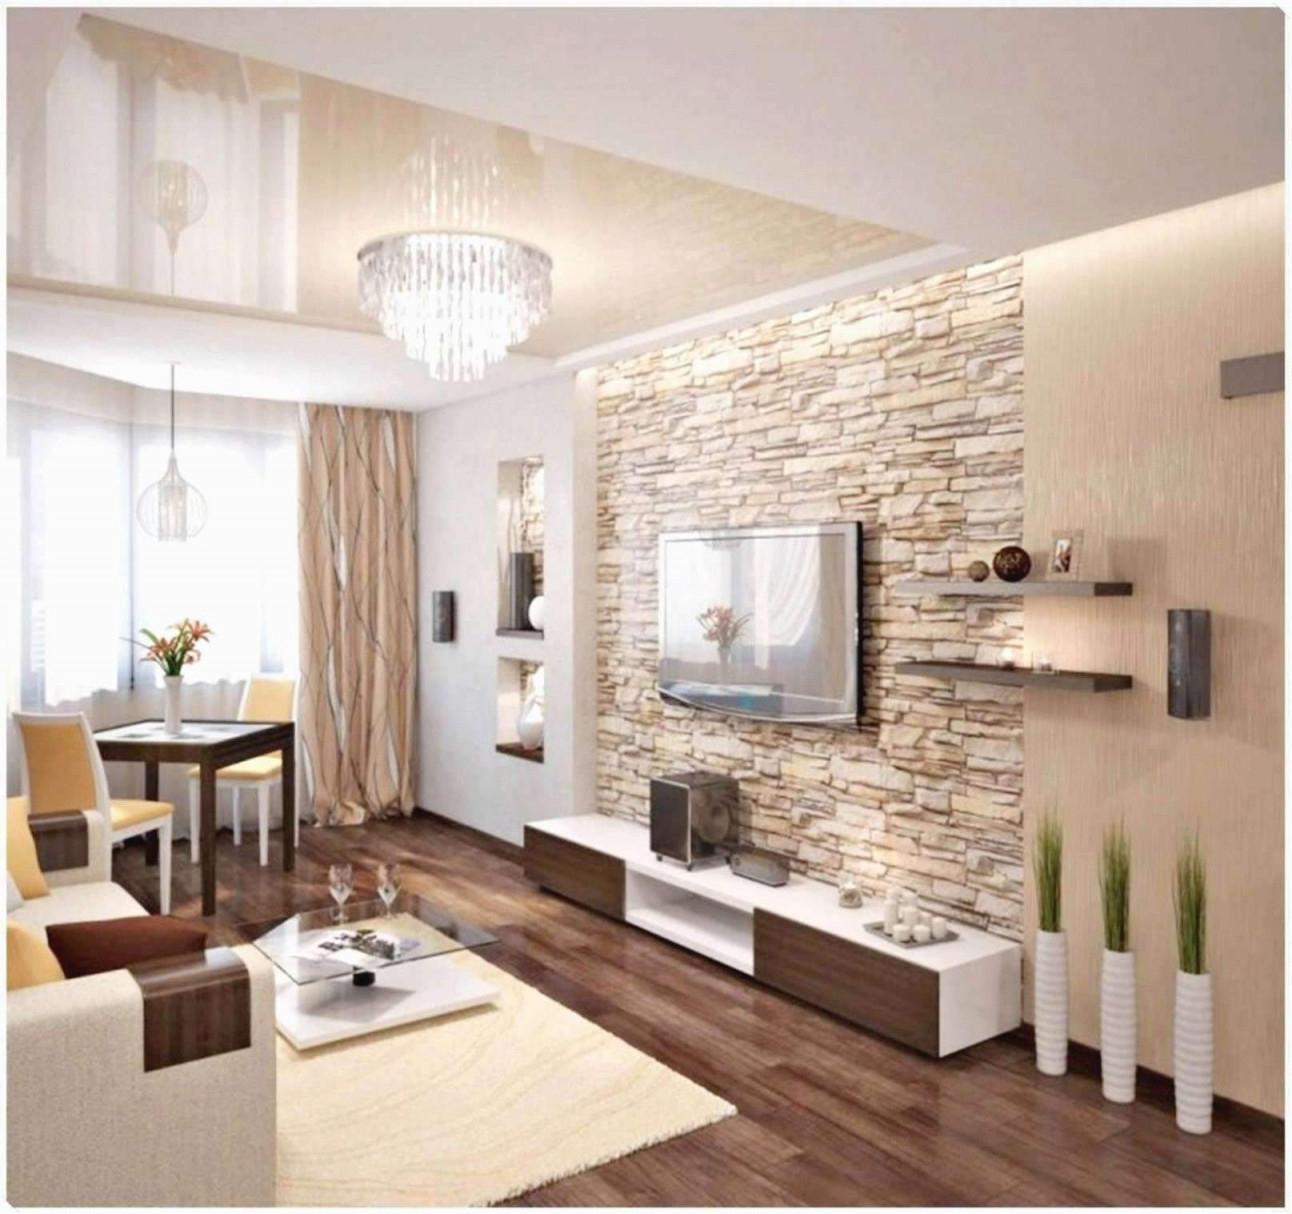 29 Neu Wohnzimmer Gestalten Grau Das Beste Von  Wohnzimmer von Wohnzimmer Gestalten Grau Bild